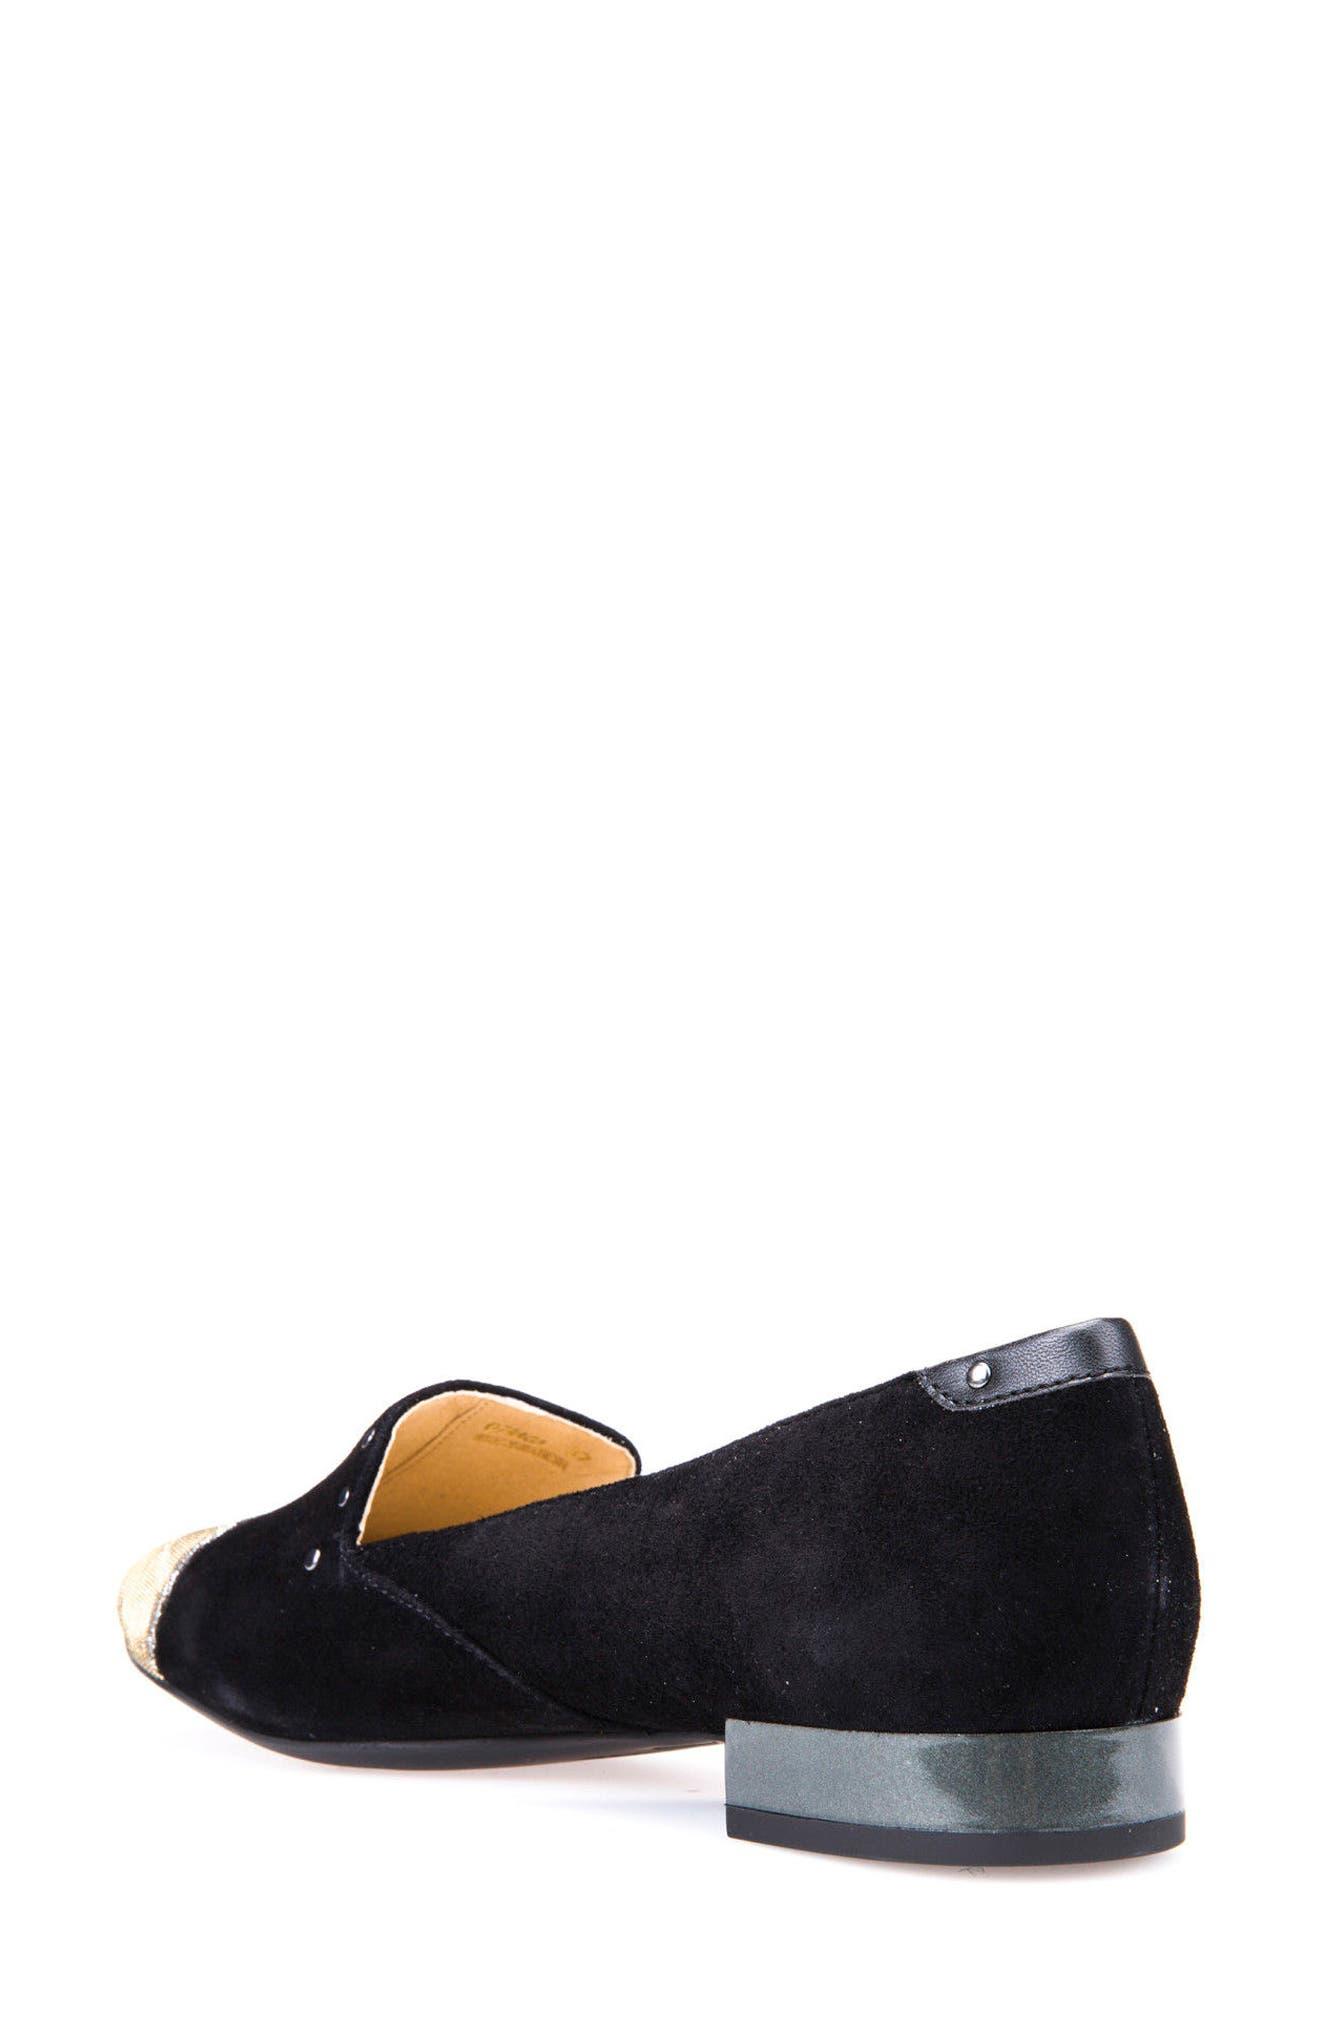 Alternate Image 2  - Geox Wistrey Cap Toe Loafer (Women)